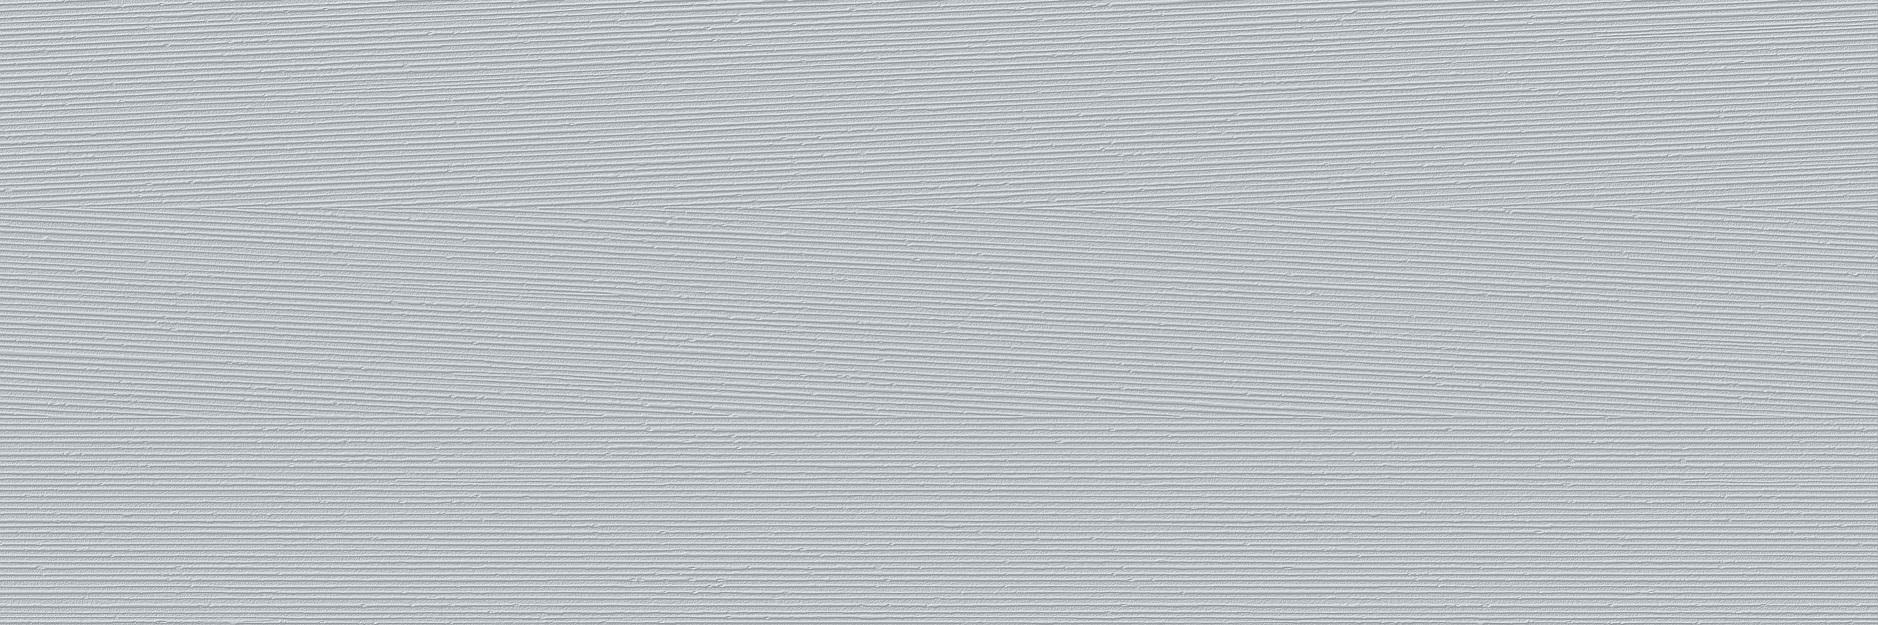 Купить Керамическая плитка Emigres Fan Wave Azul Rect. настенная 25x75, Испания